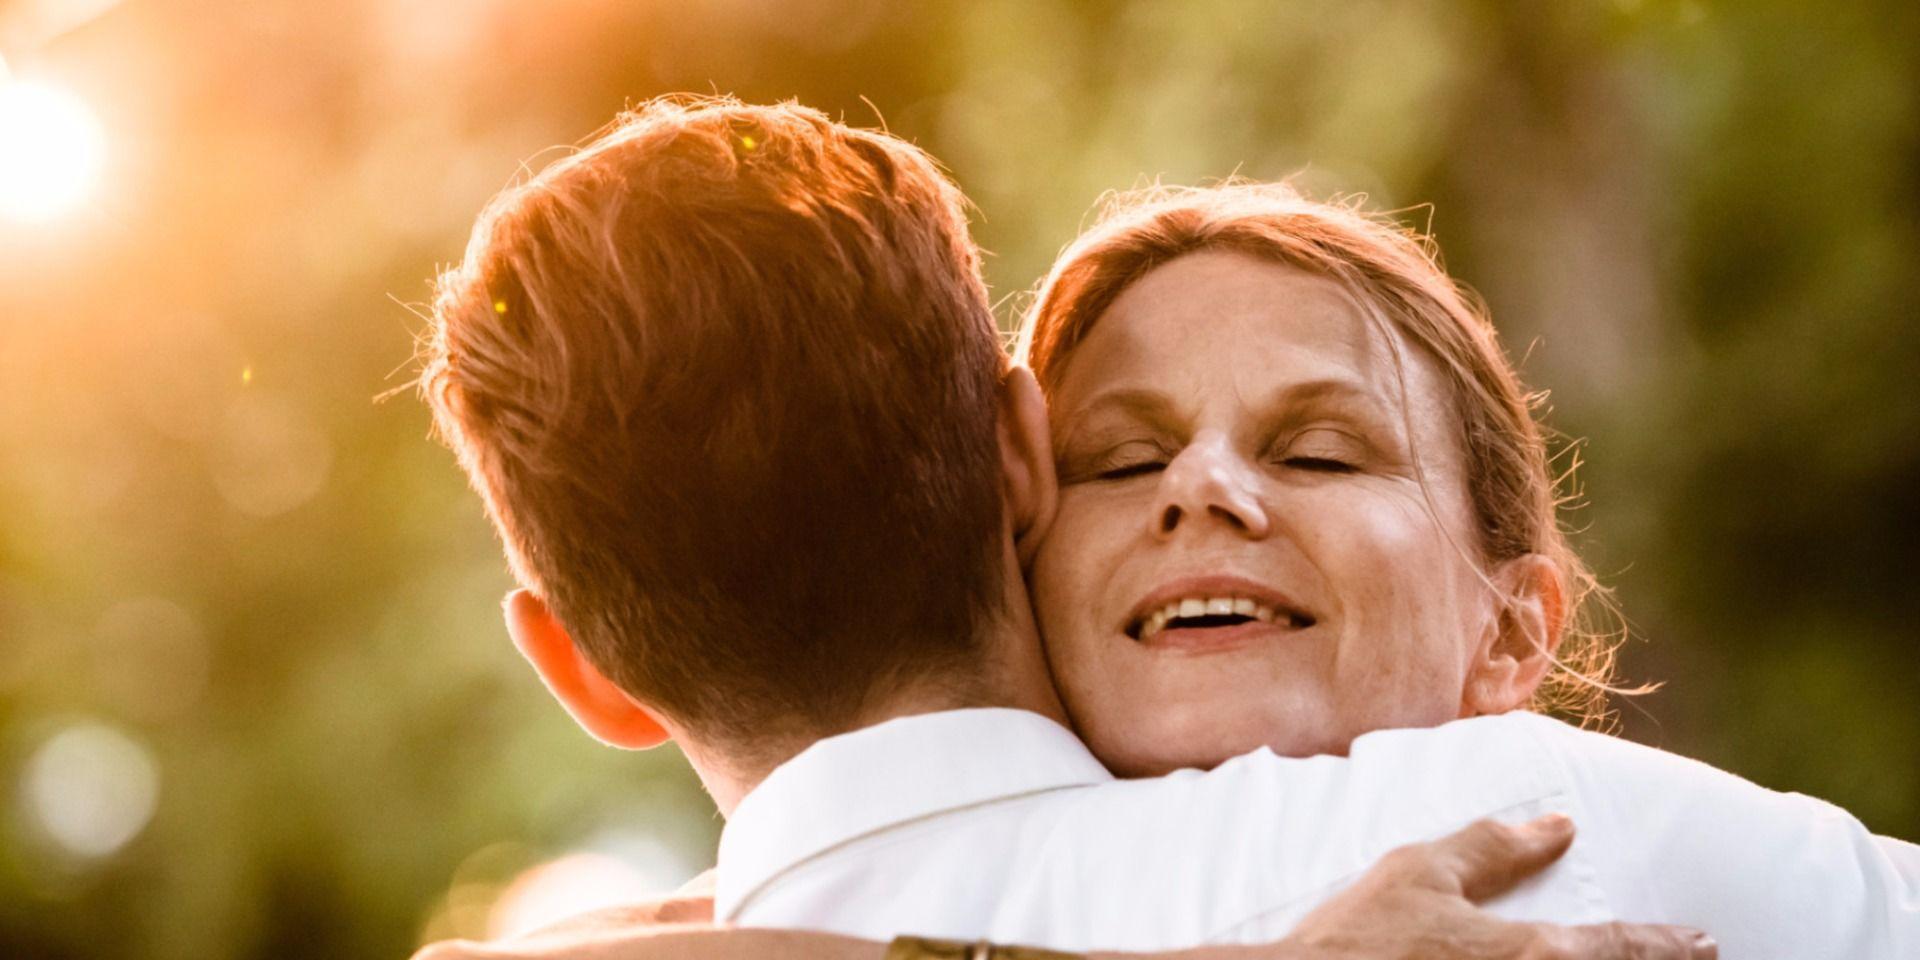 Karena 9 Alasan Inilah Ibu Rumah Tangga adalah Profesi yang Tak Bisa Dipandang Sebelah Mata